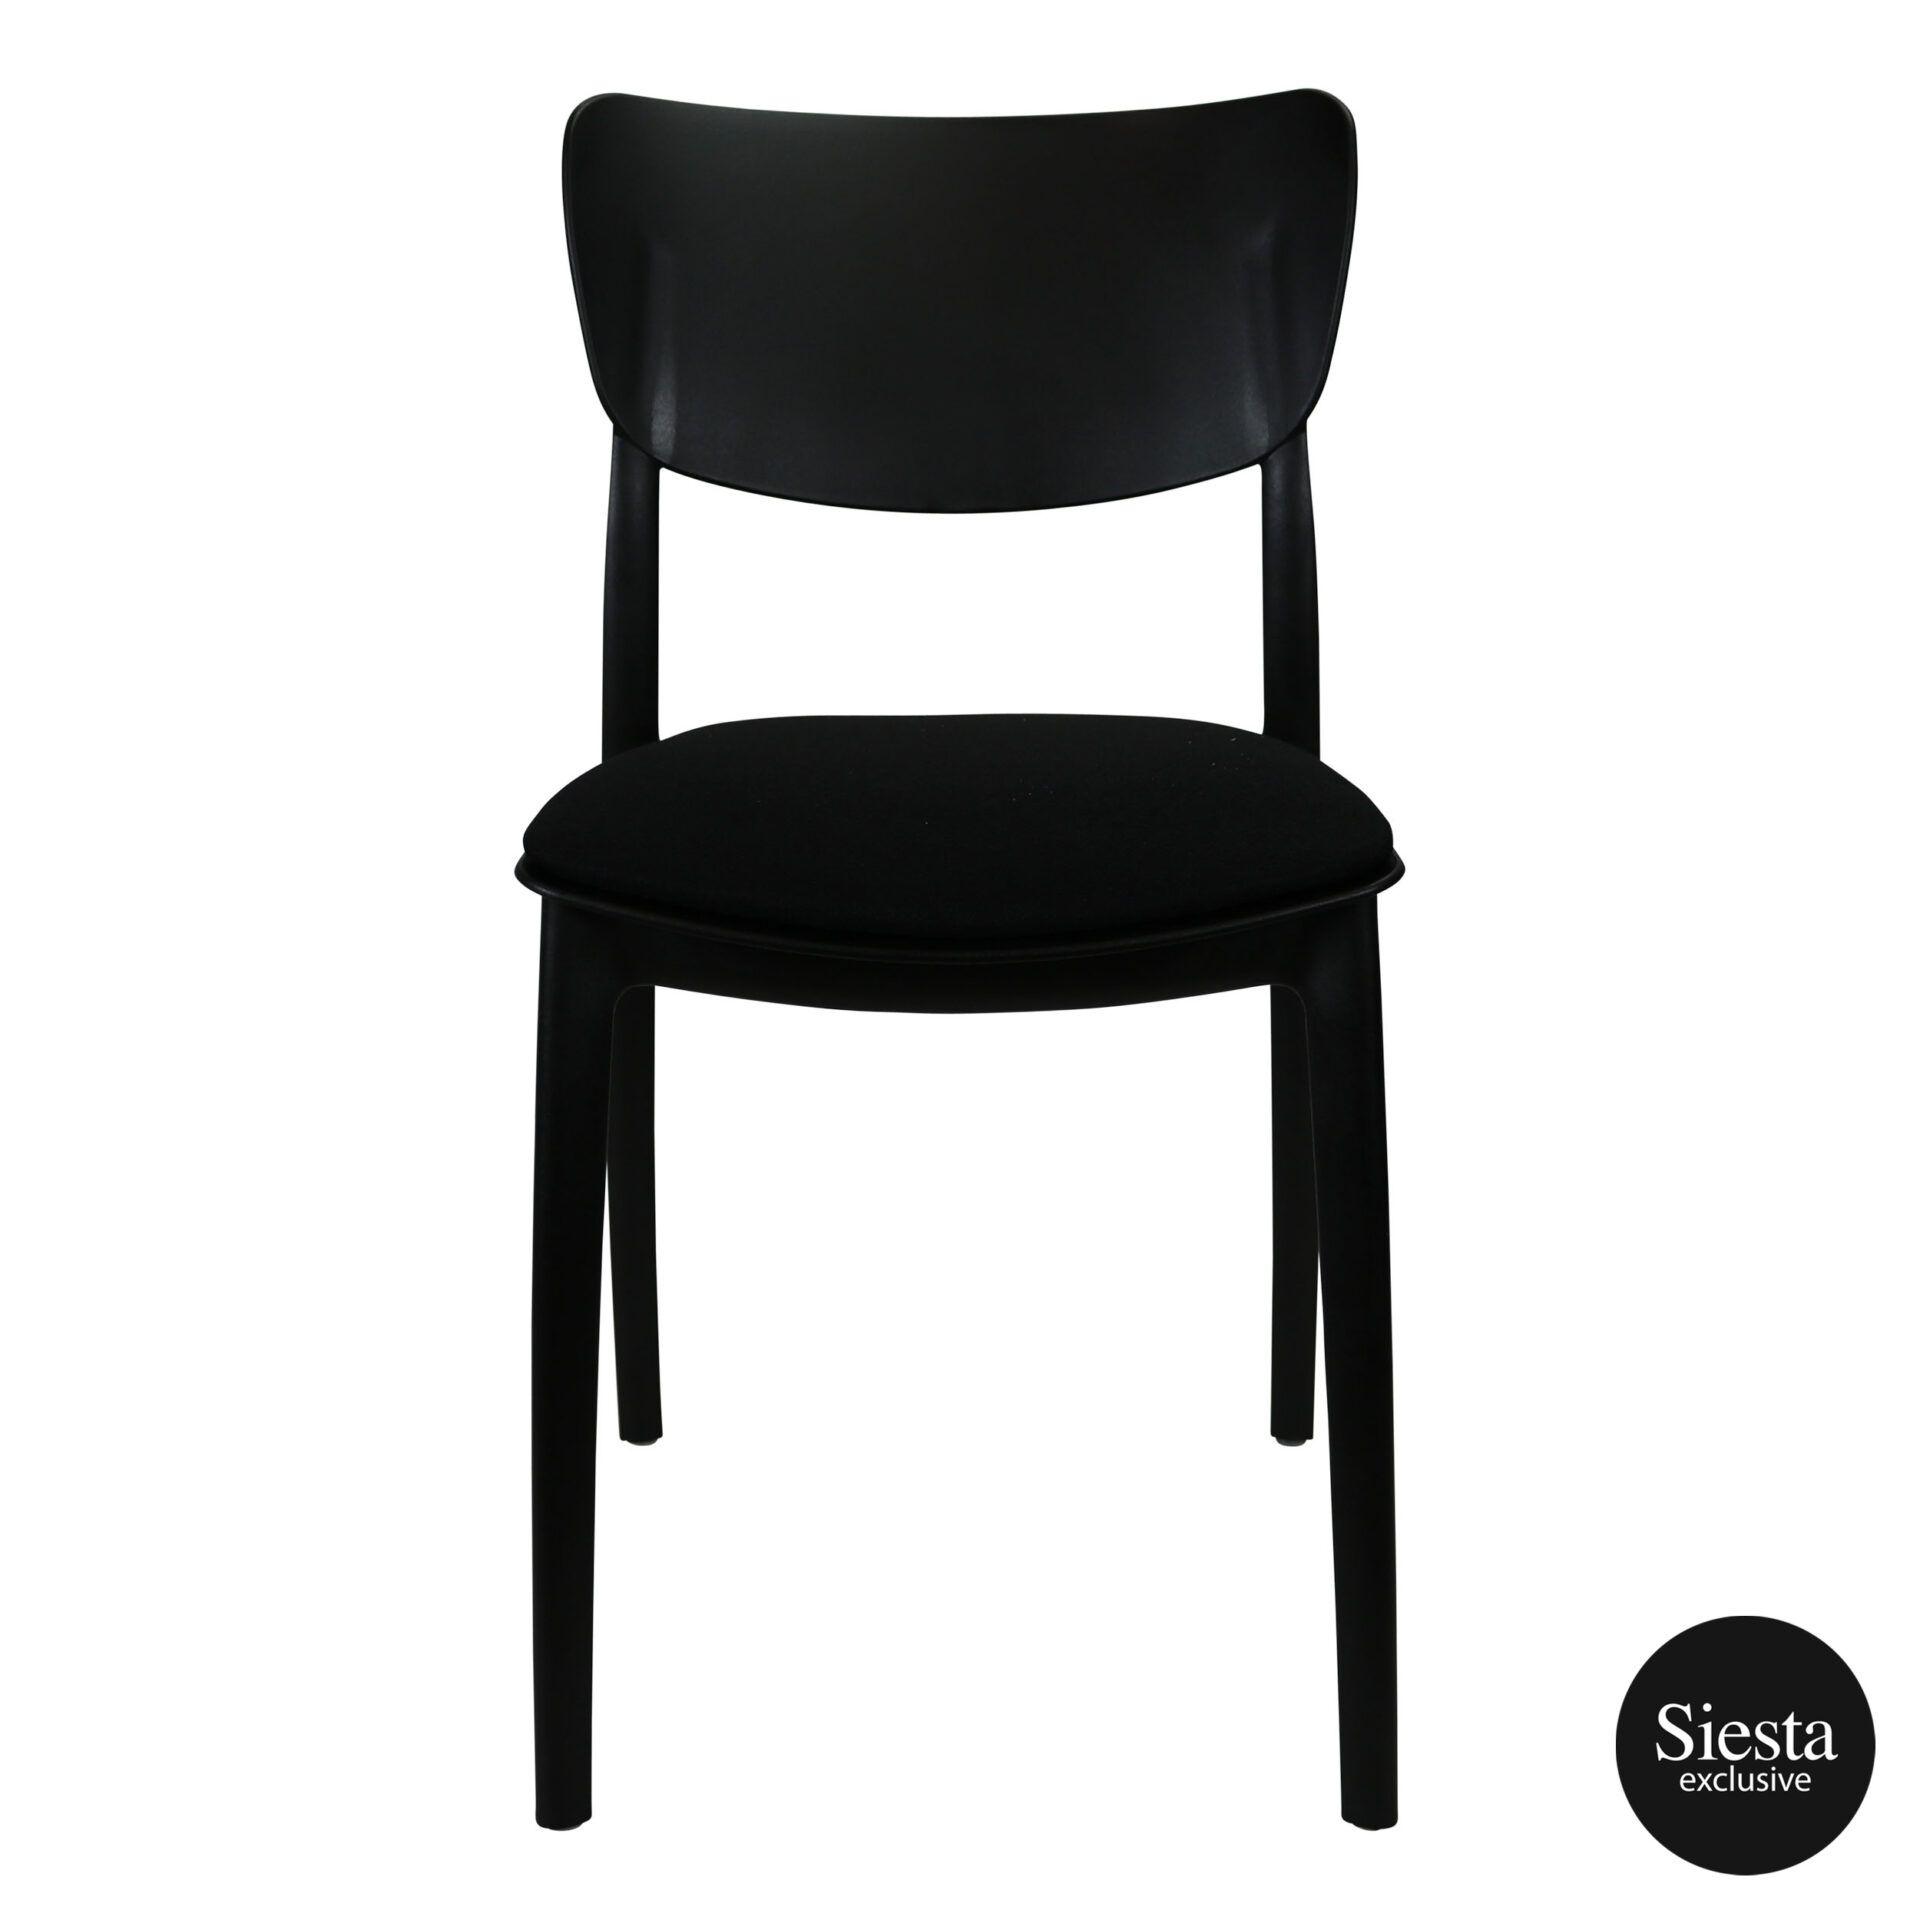 monna chair black c4